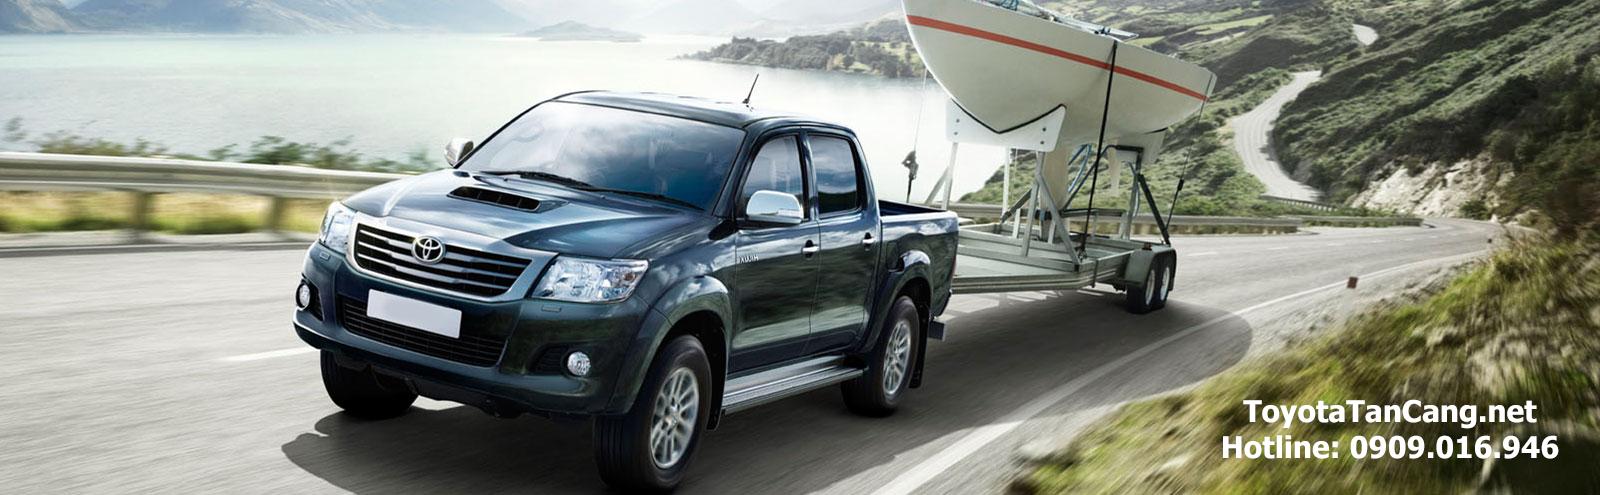 Toyota Hilux là một trong những dòng xe bán tải bán chạy nhất trên thế giới